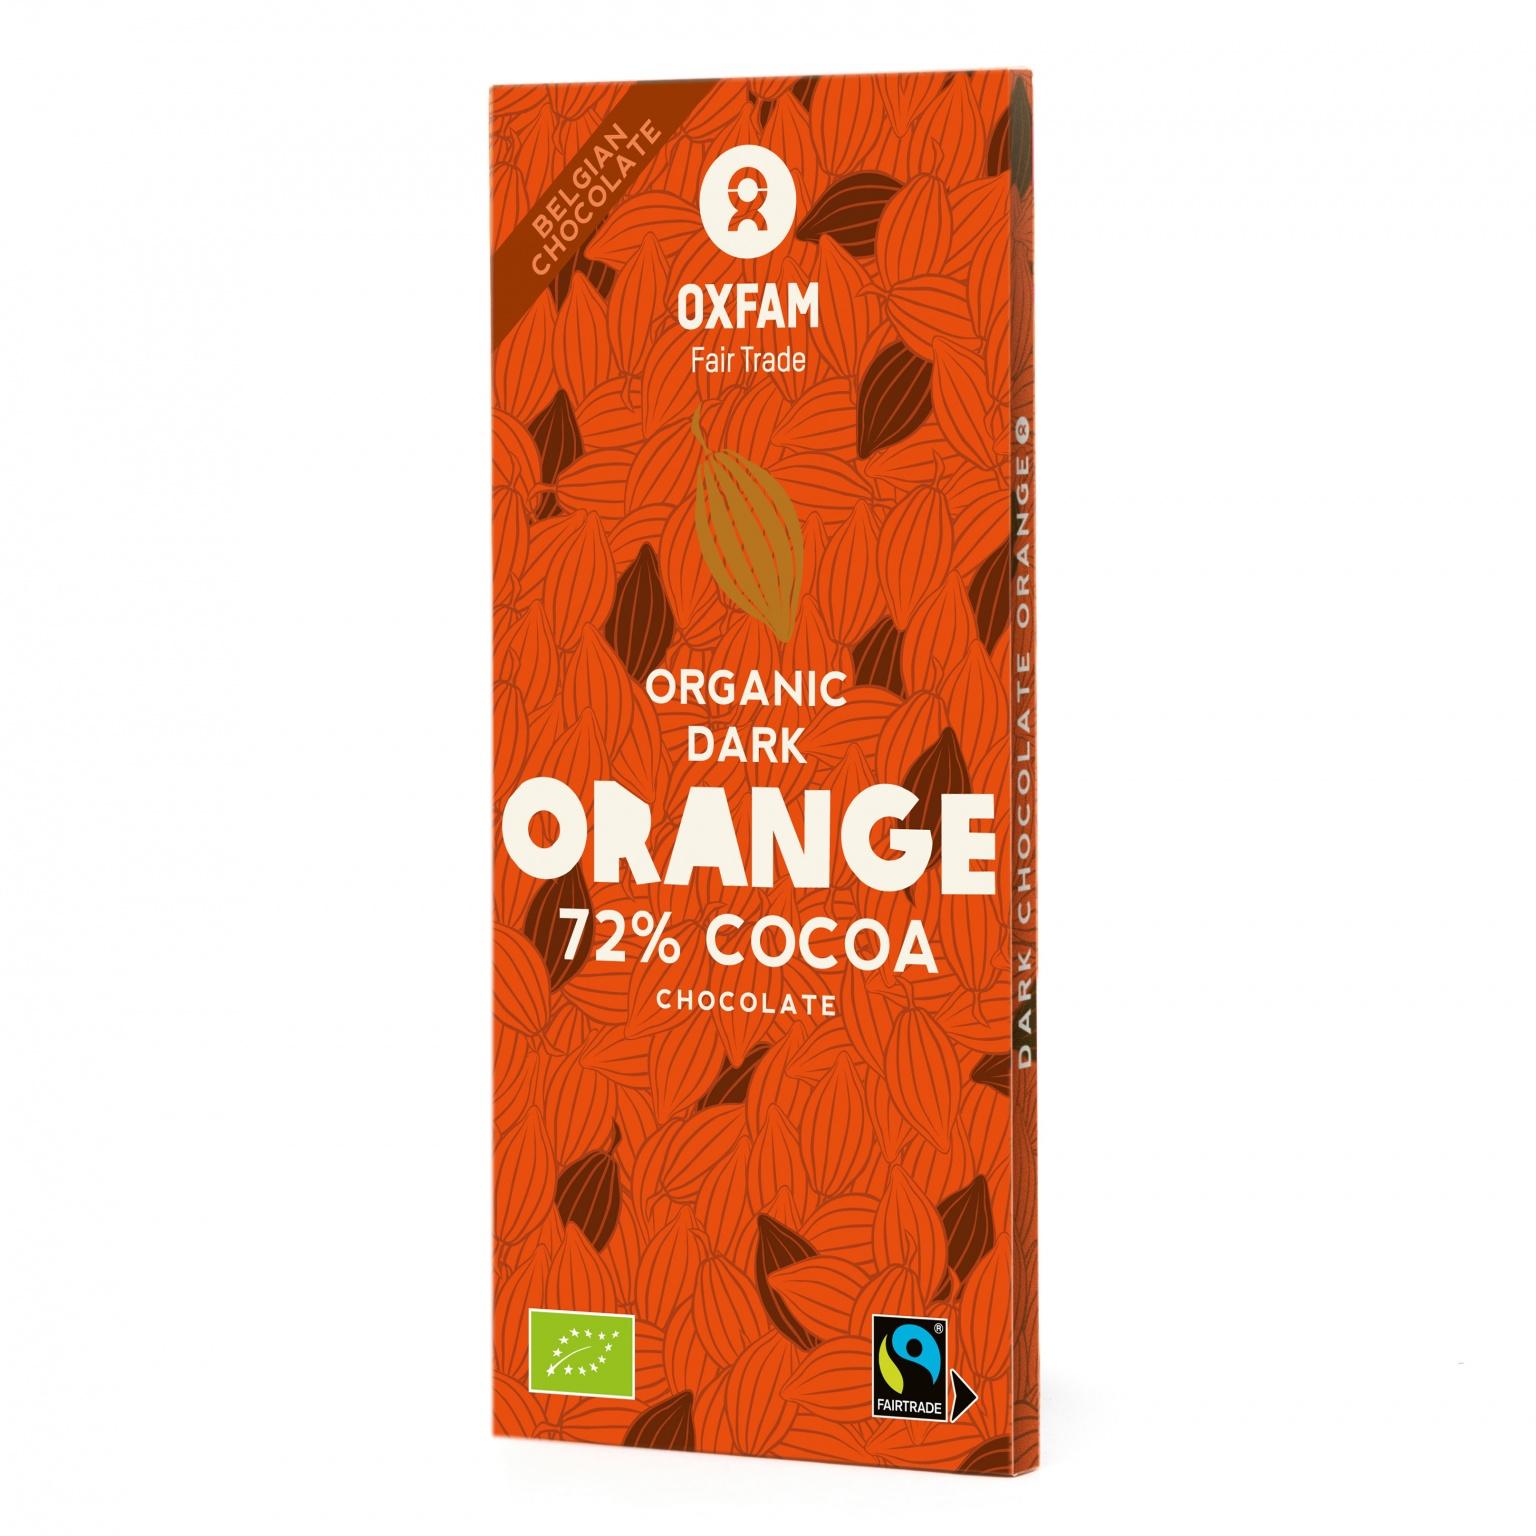 Oxfam Fair Trade 24221